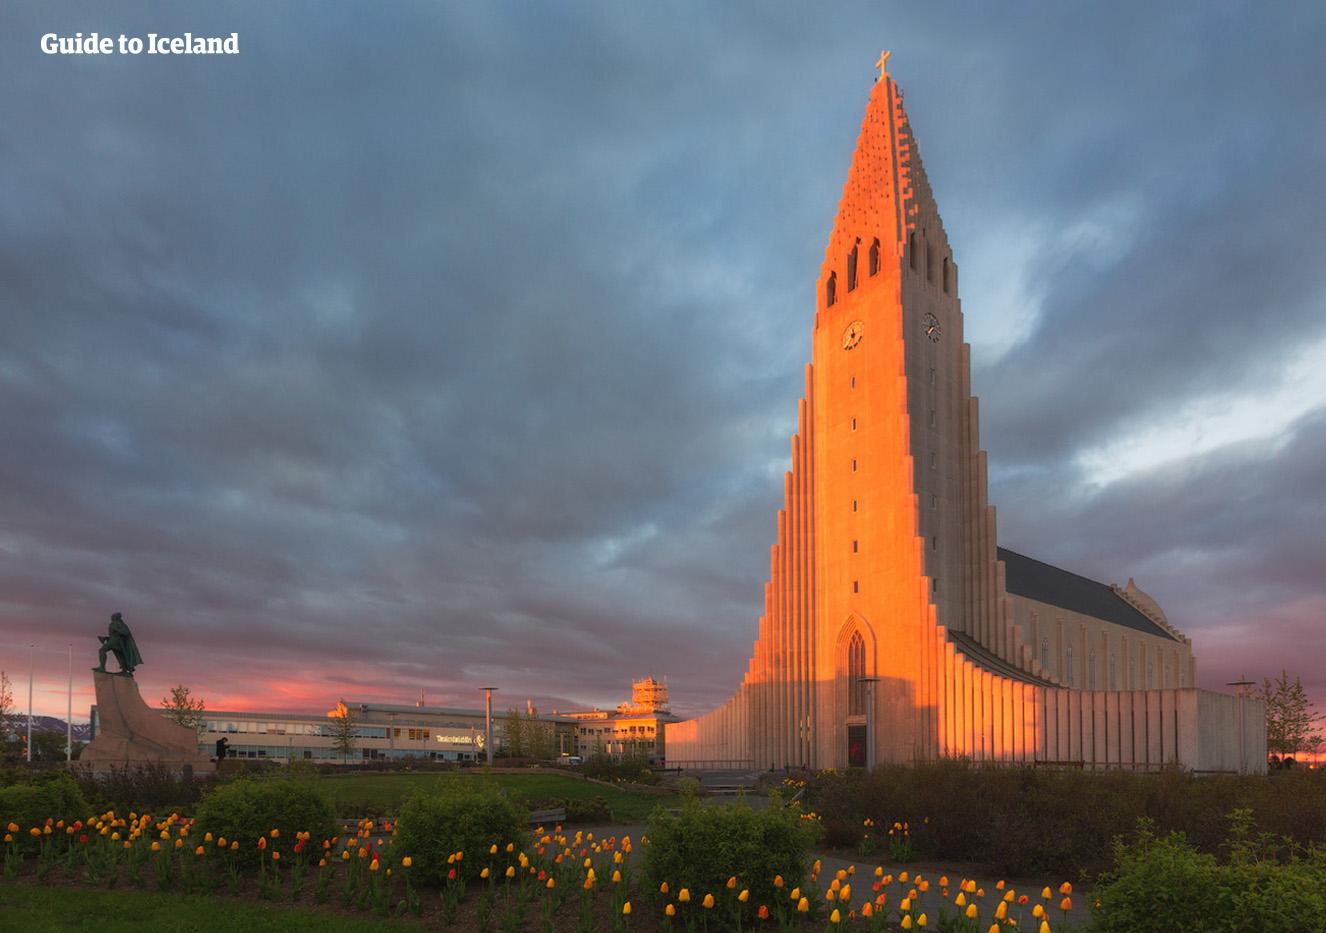 Kompletna 10-dniowa wycieczka z przewodnikiem po całej obwodnicy Islandii z Reykjaviku - day 1